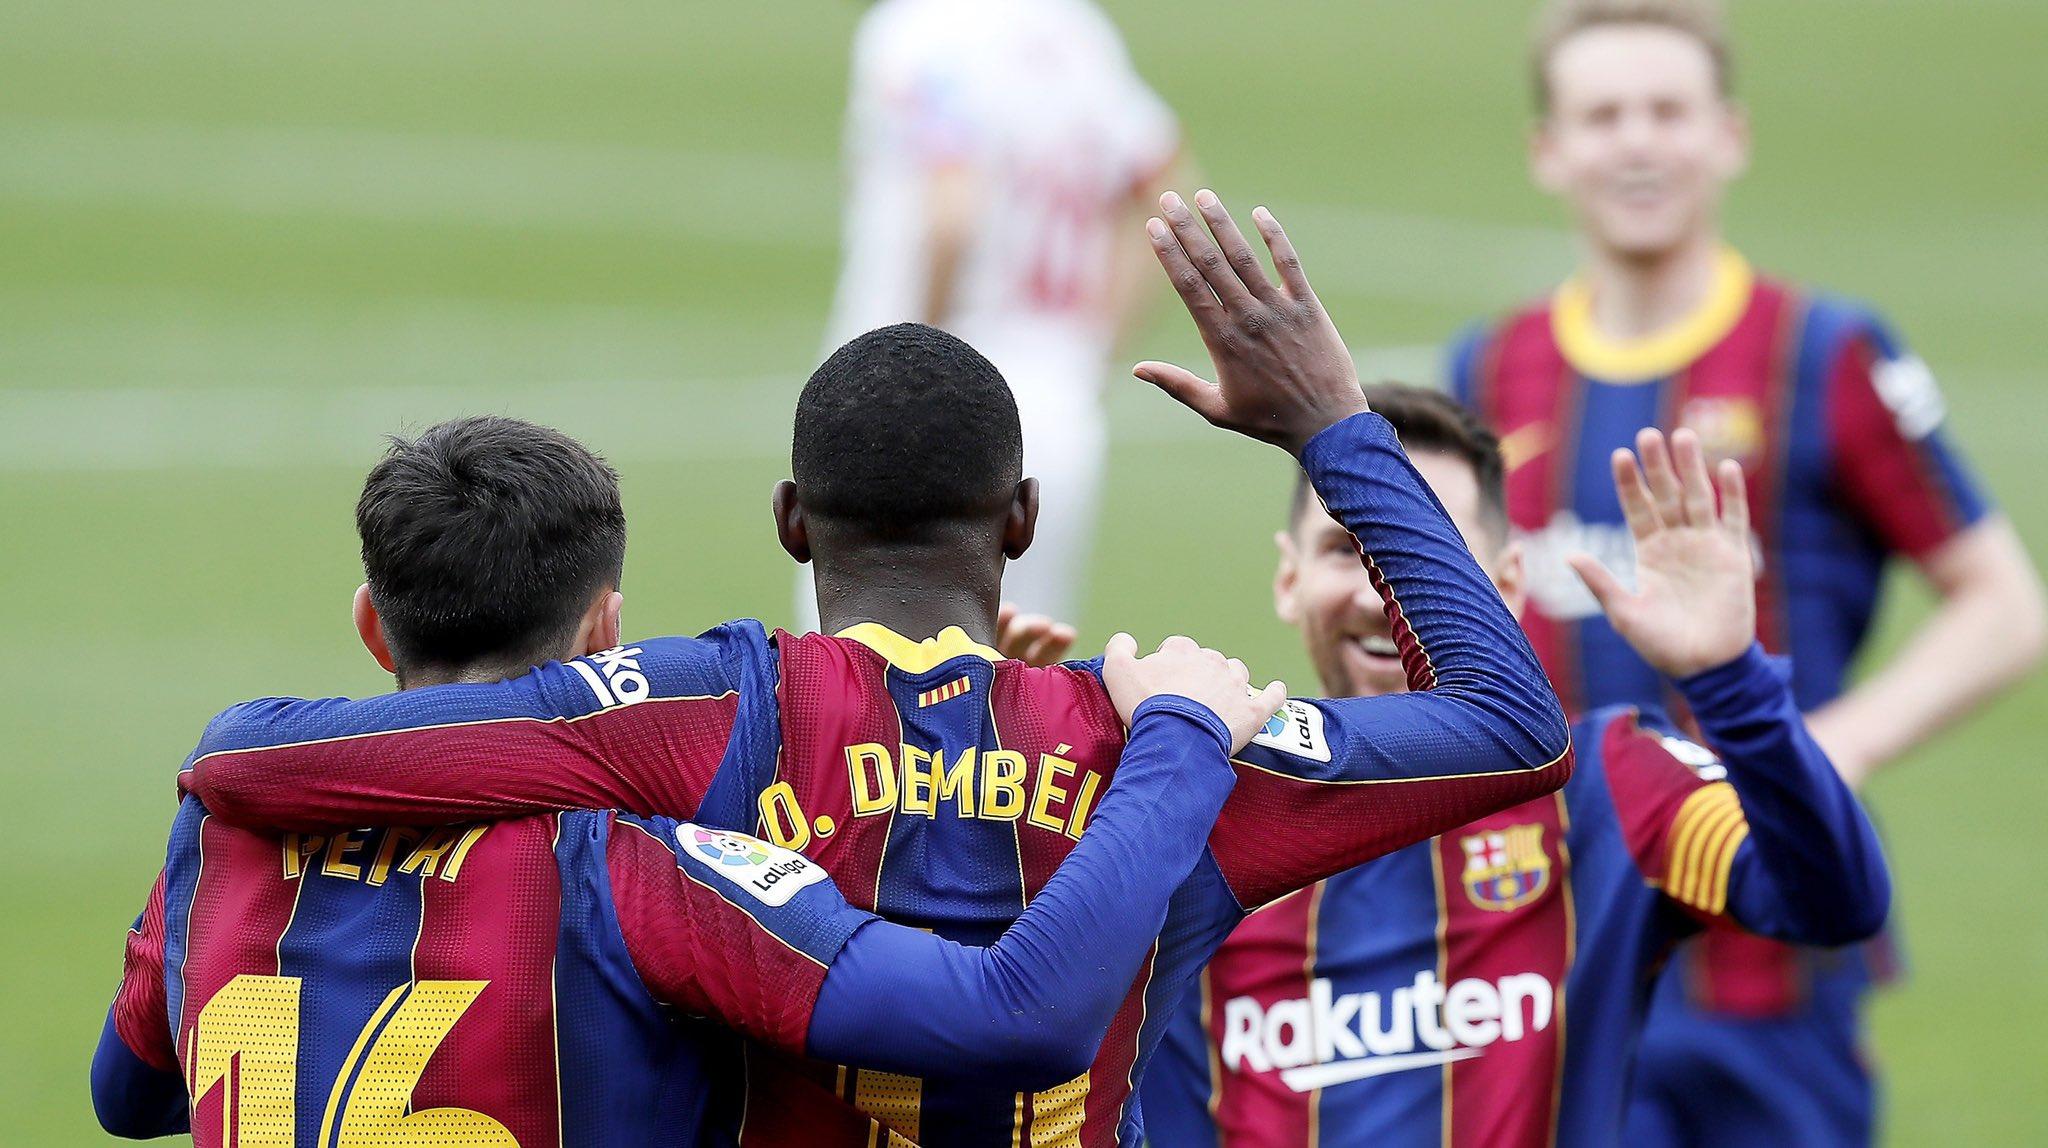 فرحة بهدف برشلونة الأول